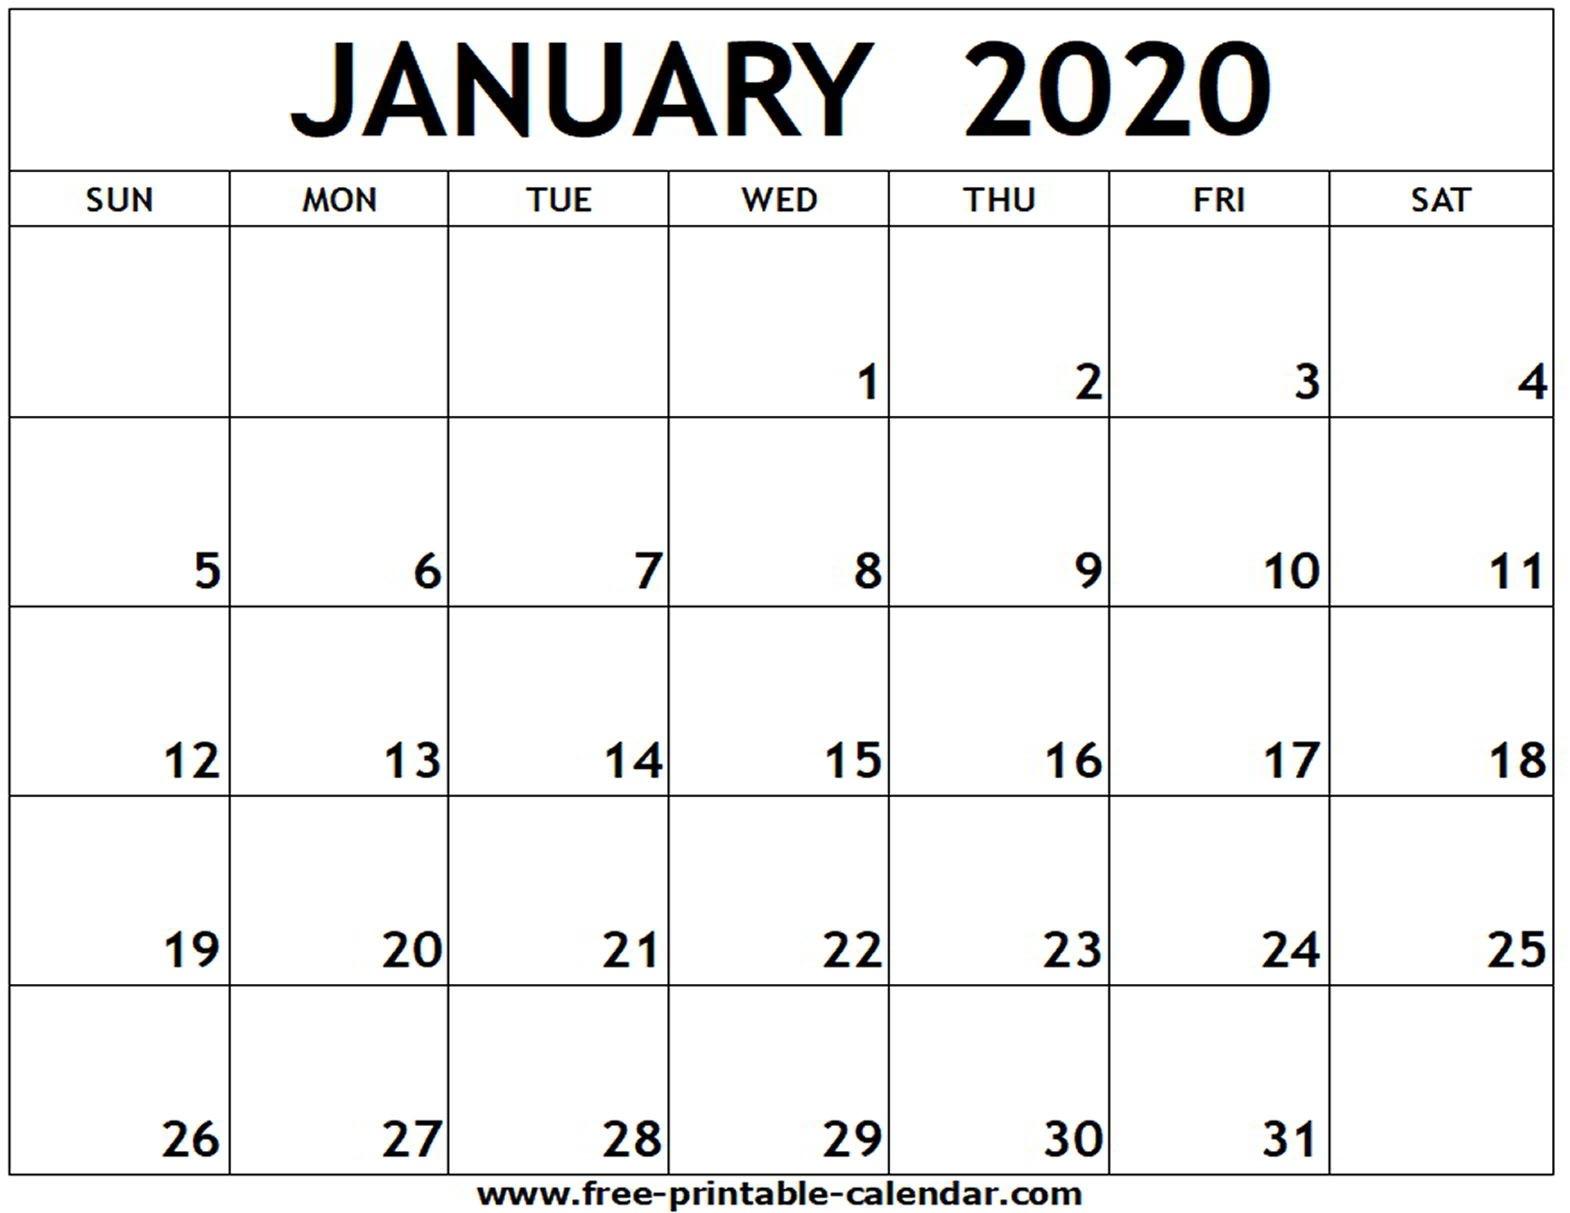 January 2020 Printable Calendar - Free-Printable-Calendar  Free Printable 2020 Monthly Calendar